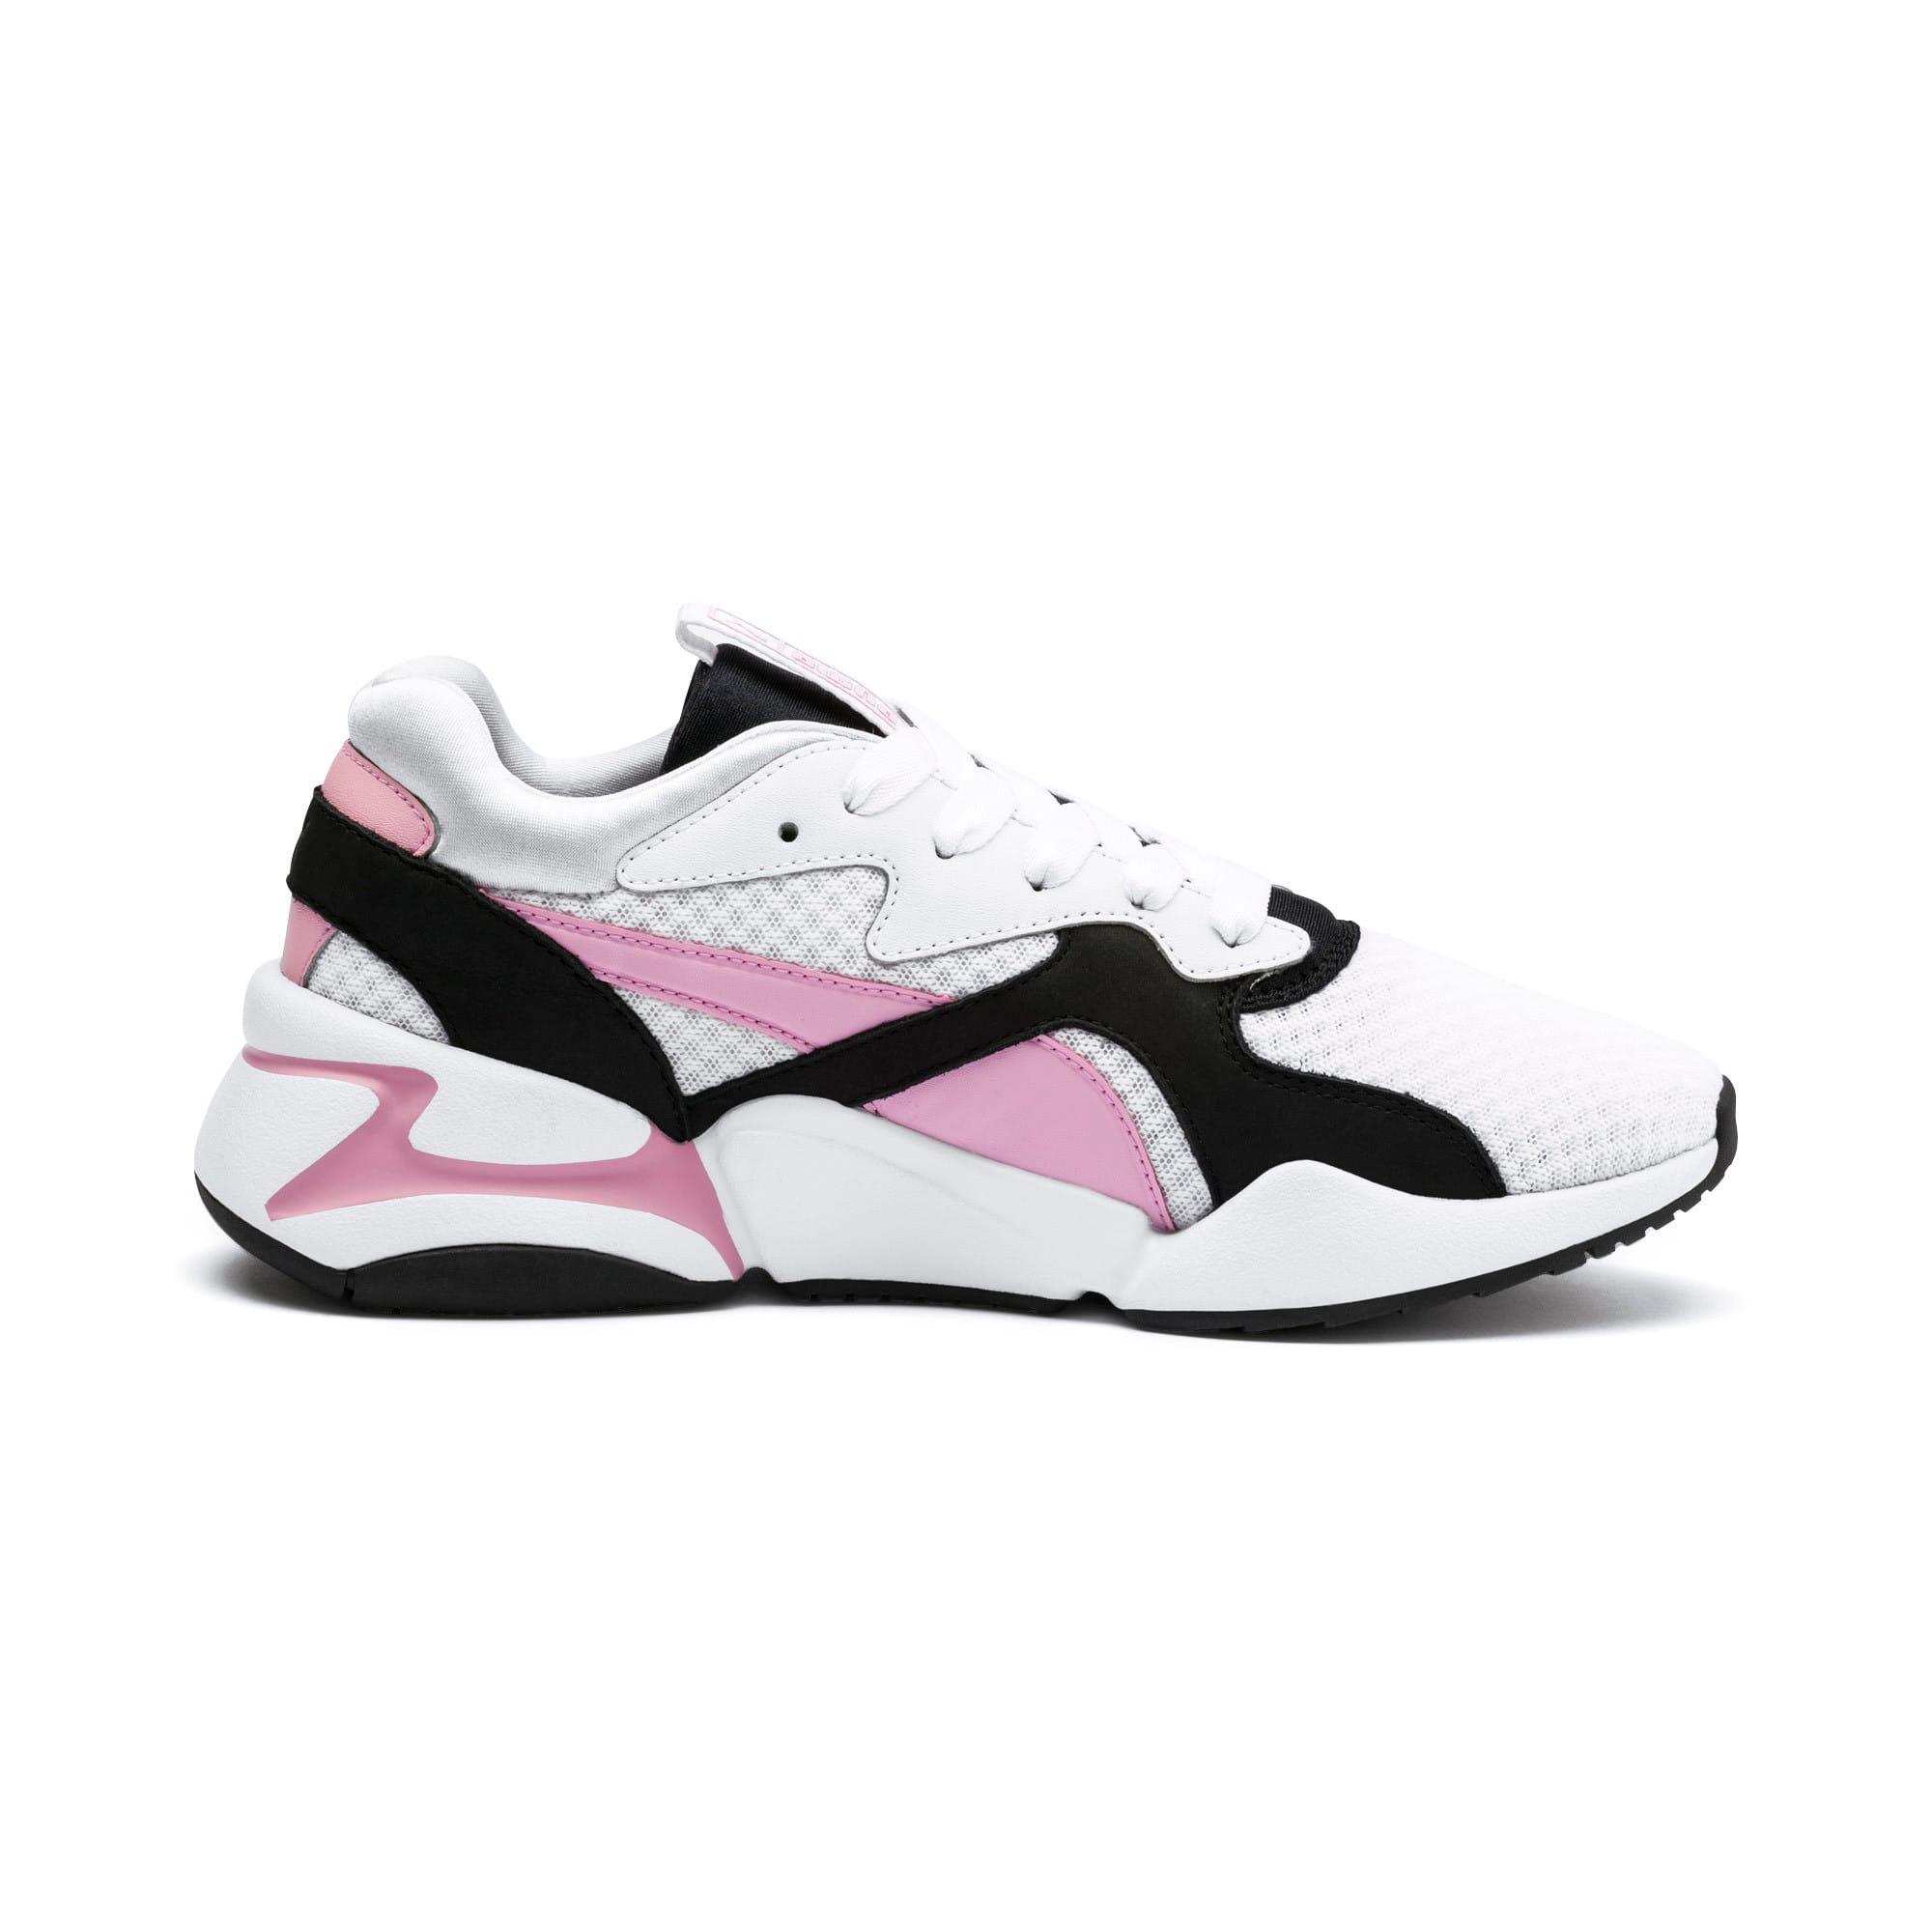 Miniatura 6 de Zapatos deportivos Nova '90s Bloc para mujer, Puma White-Pale Pink, mediano